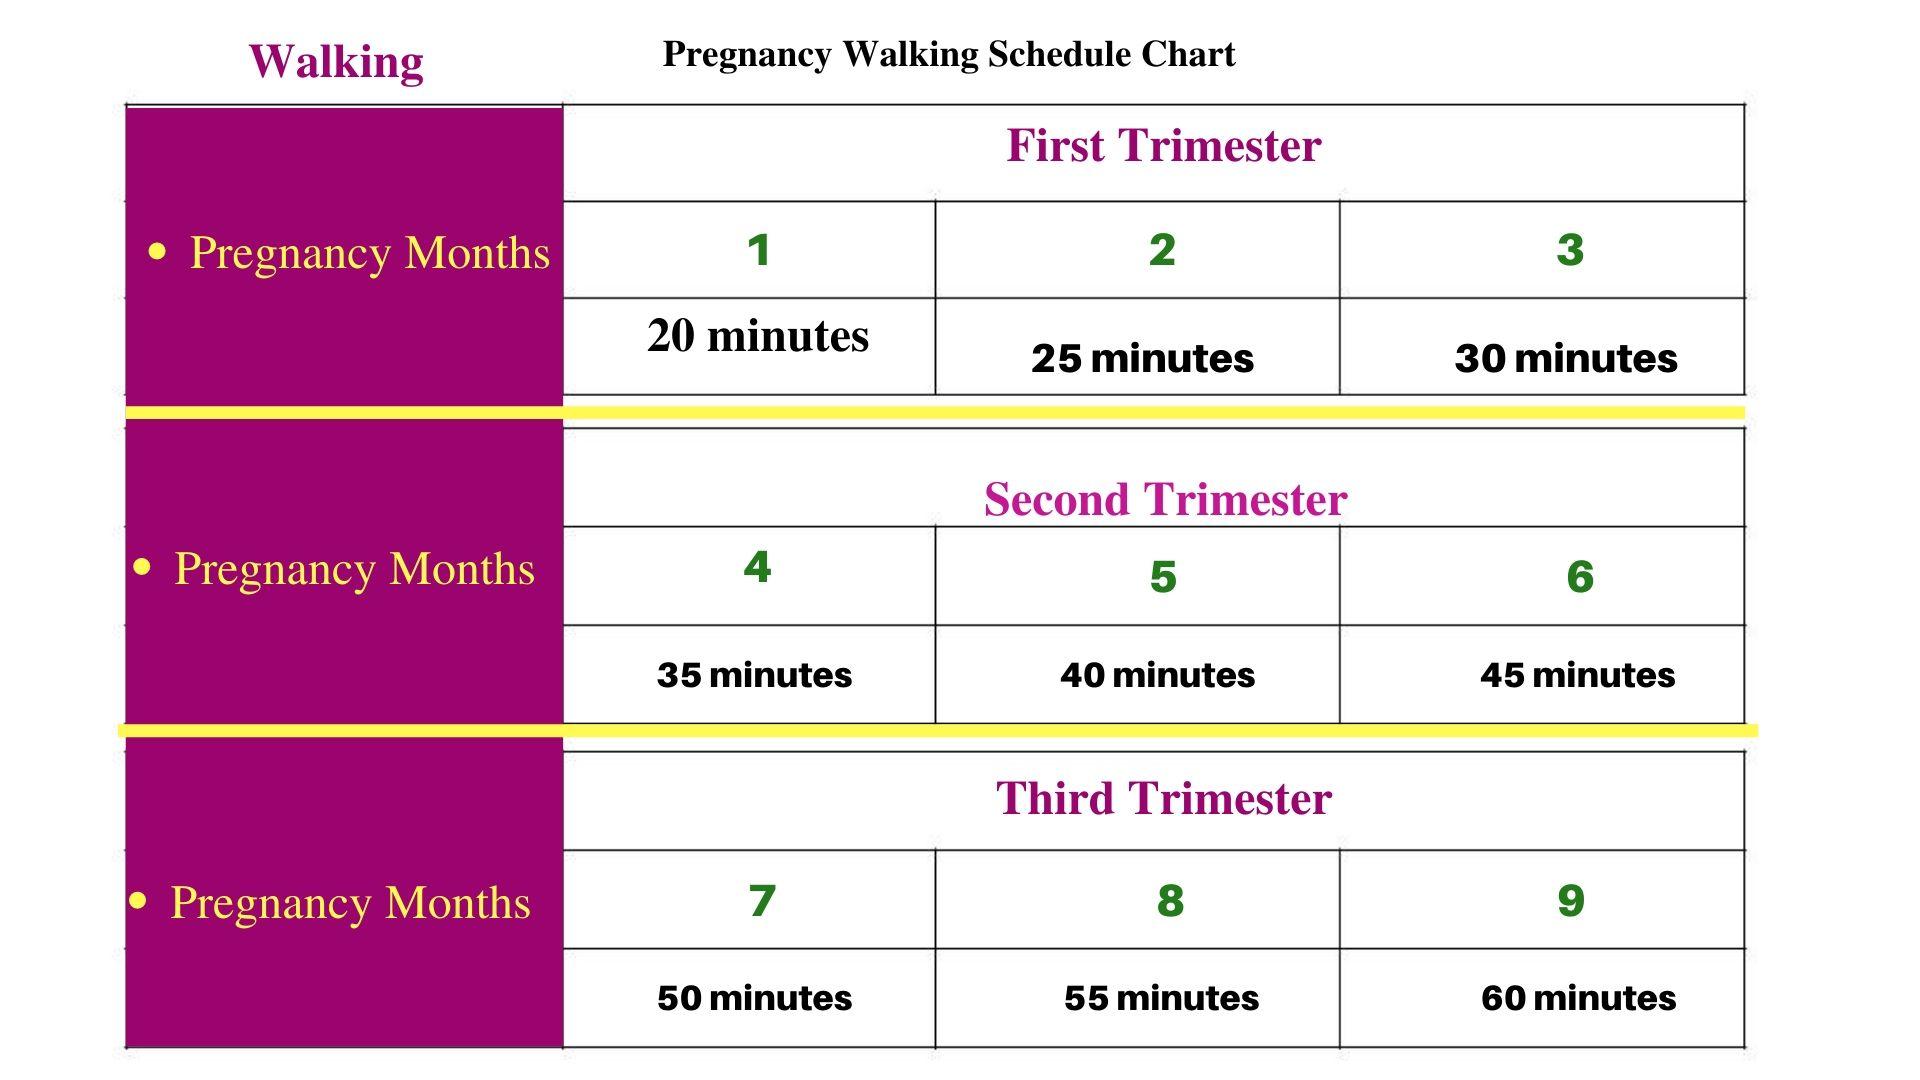 Pregnancy Walking Scheduled by Shweta Sharma